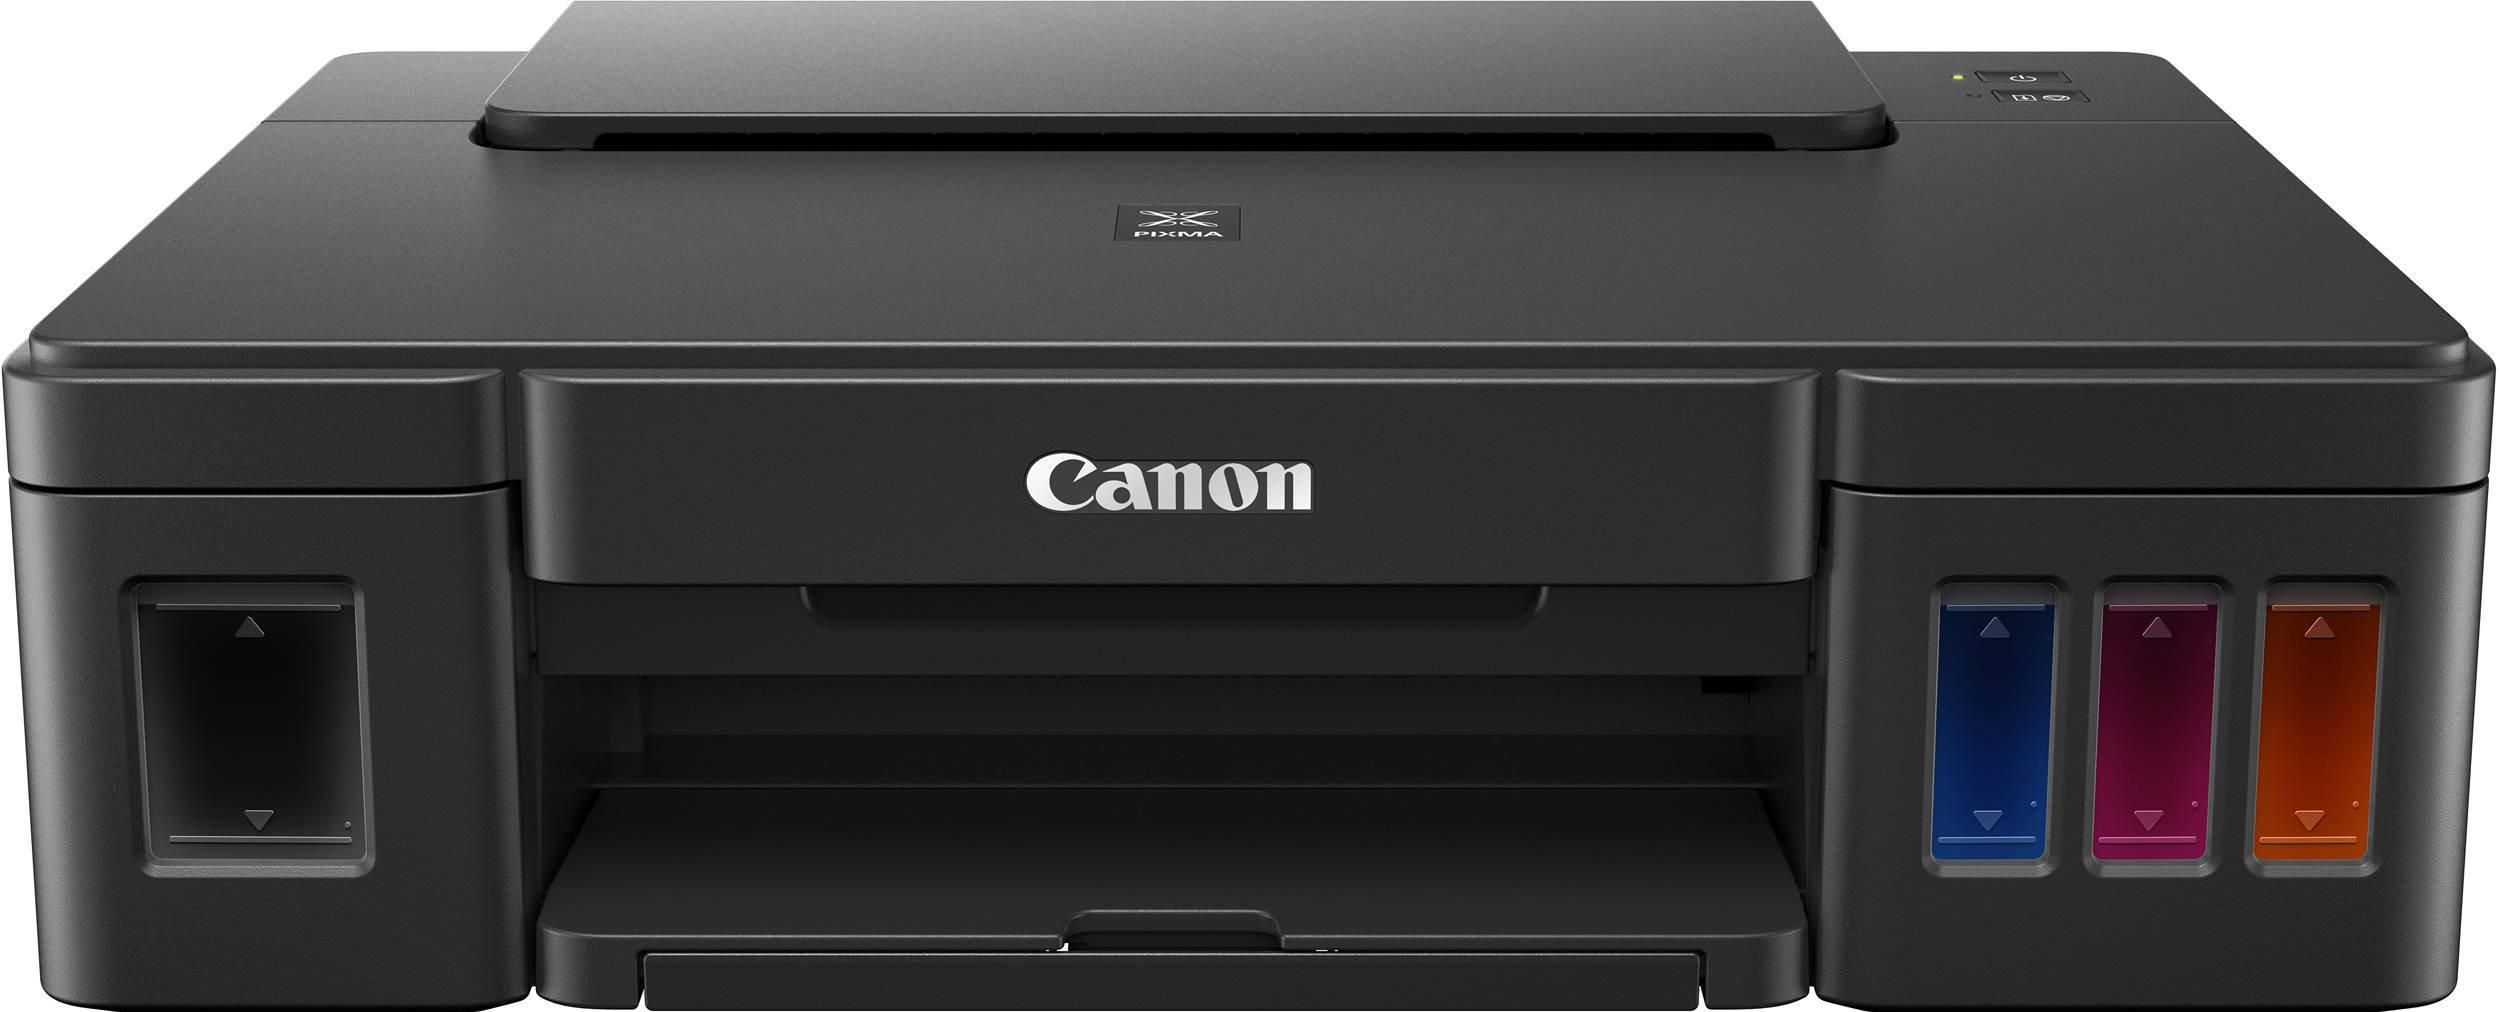 Принтер CANON PIXMA G1411 с СНПЧ, формат A4, цветной, струйный, черный (2314C025)